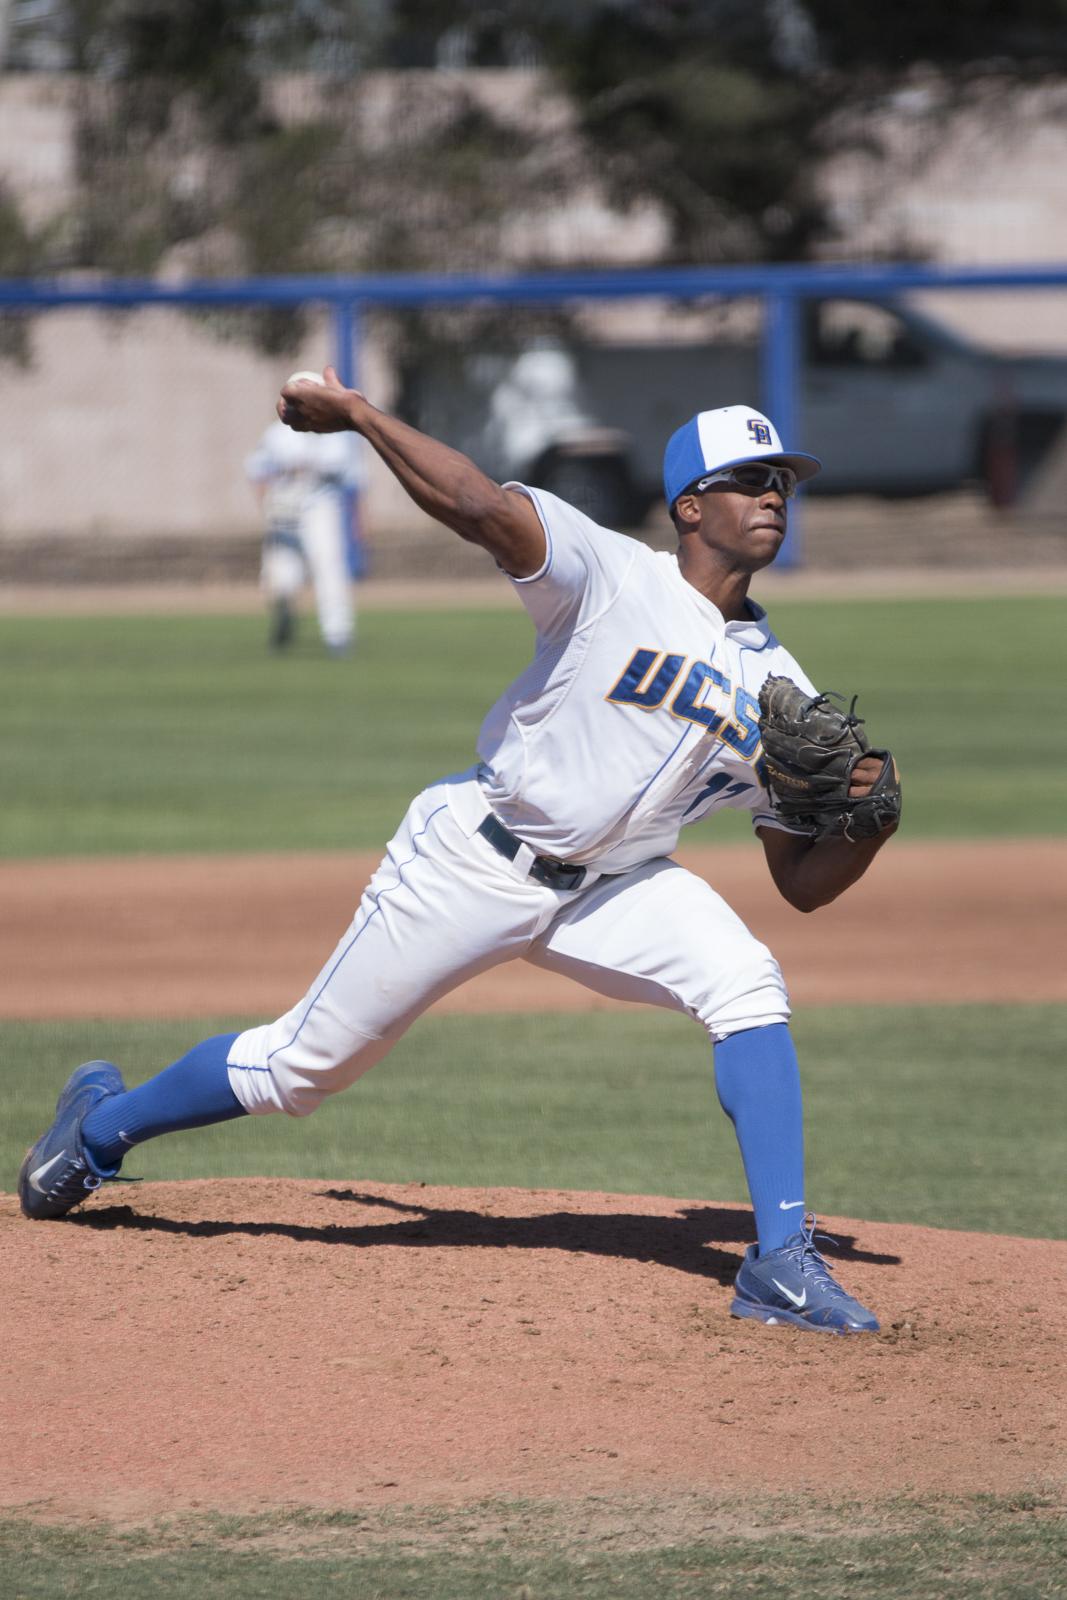 Dillon Tate hurls a pitch. Stephen Manga/Daily Nexus